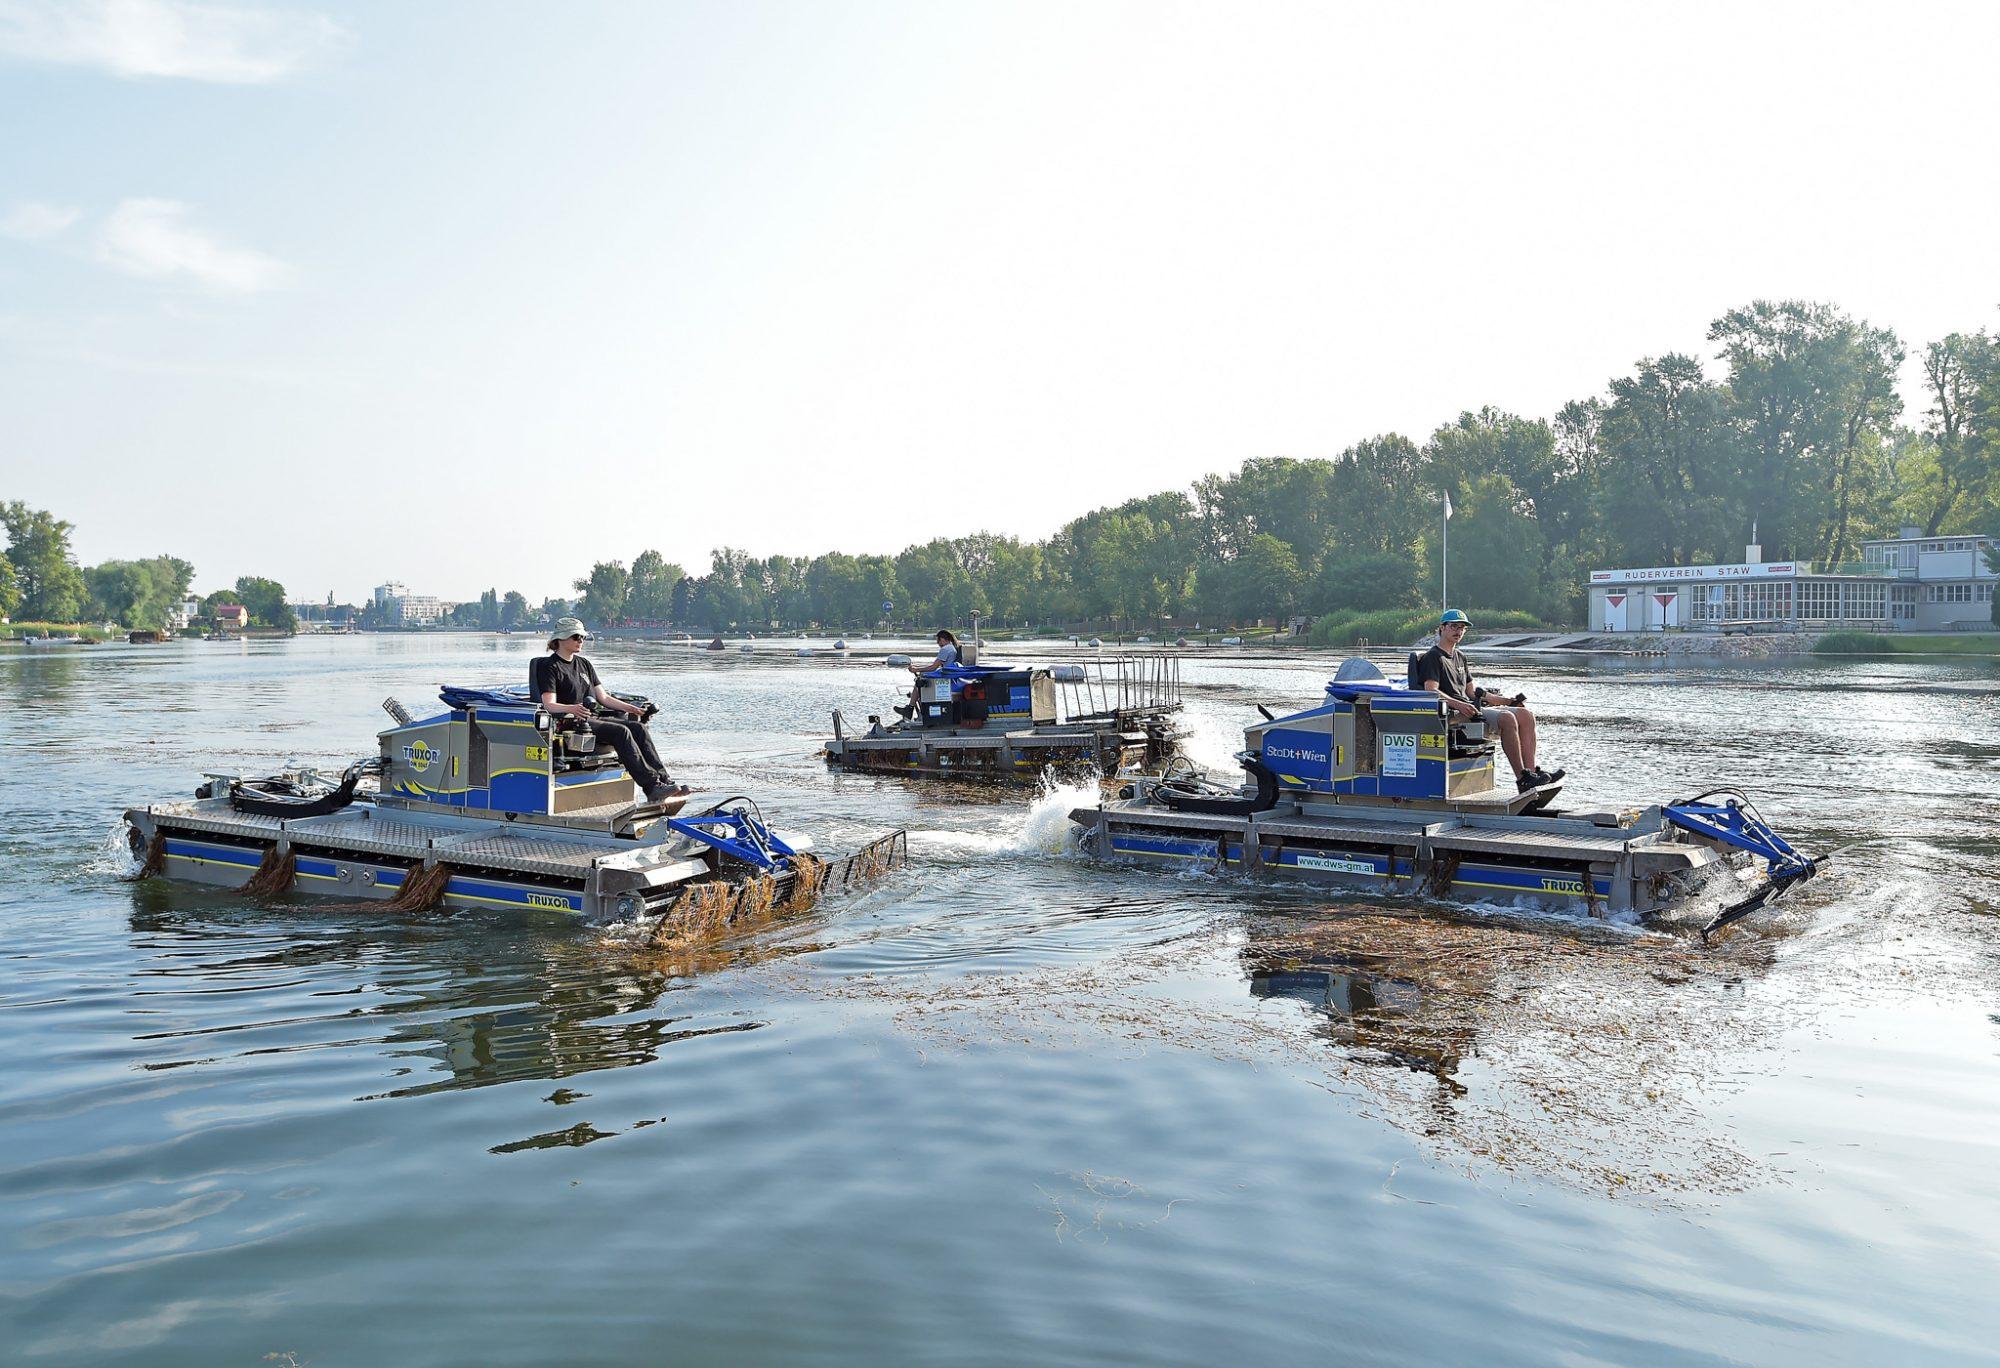 """17 Mähboote jeden Tag im Einsatz gegen Wasserpflanzen in der Alten Donau. """"Mähboot-Armada"""" im Turbo-Einsatz gegen Wasserpflanzen in der Alten Donau. Bild: WGM/Jobst."""